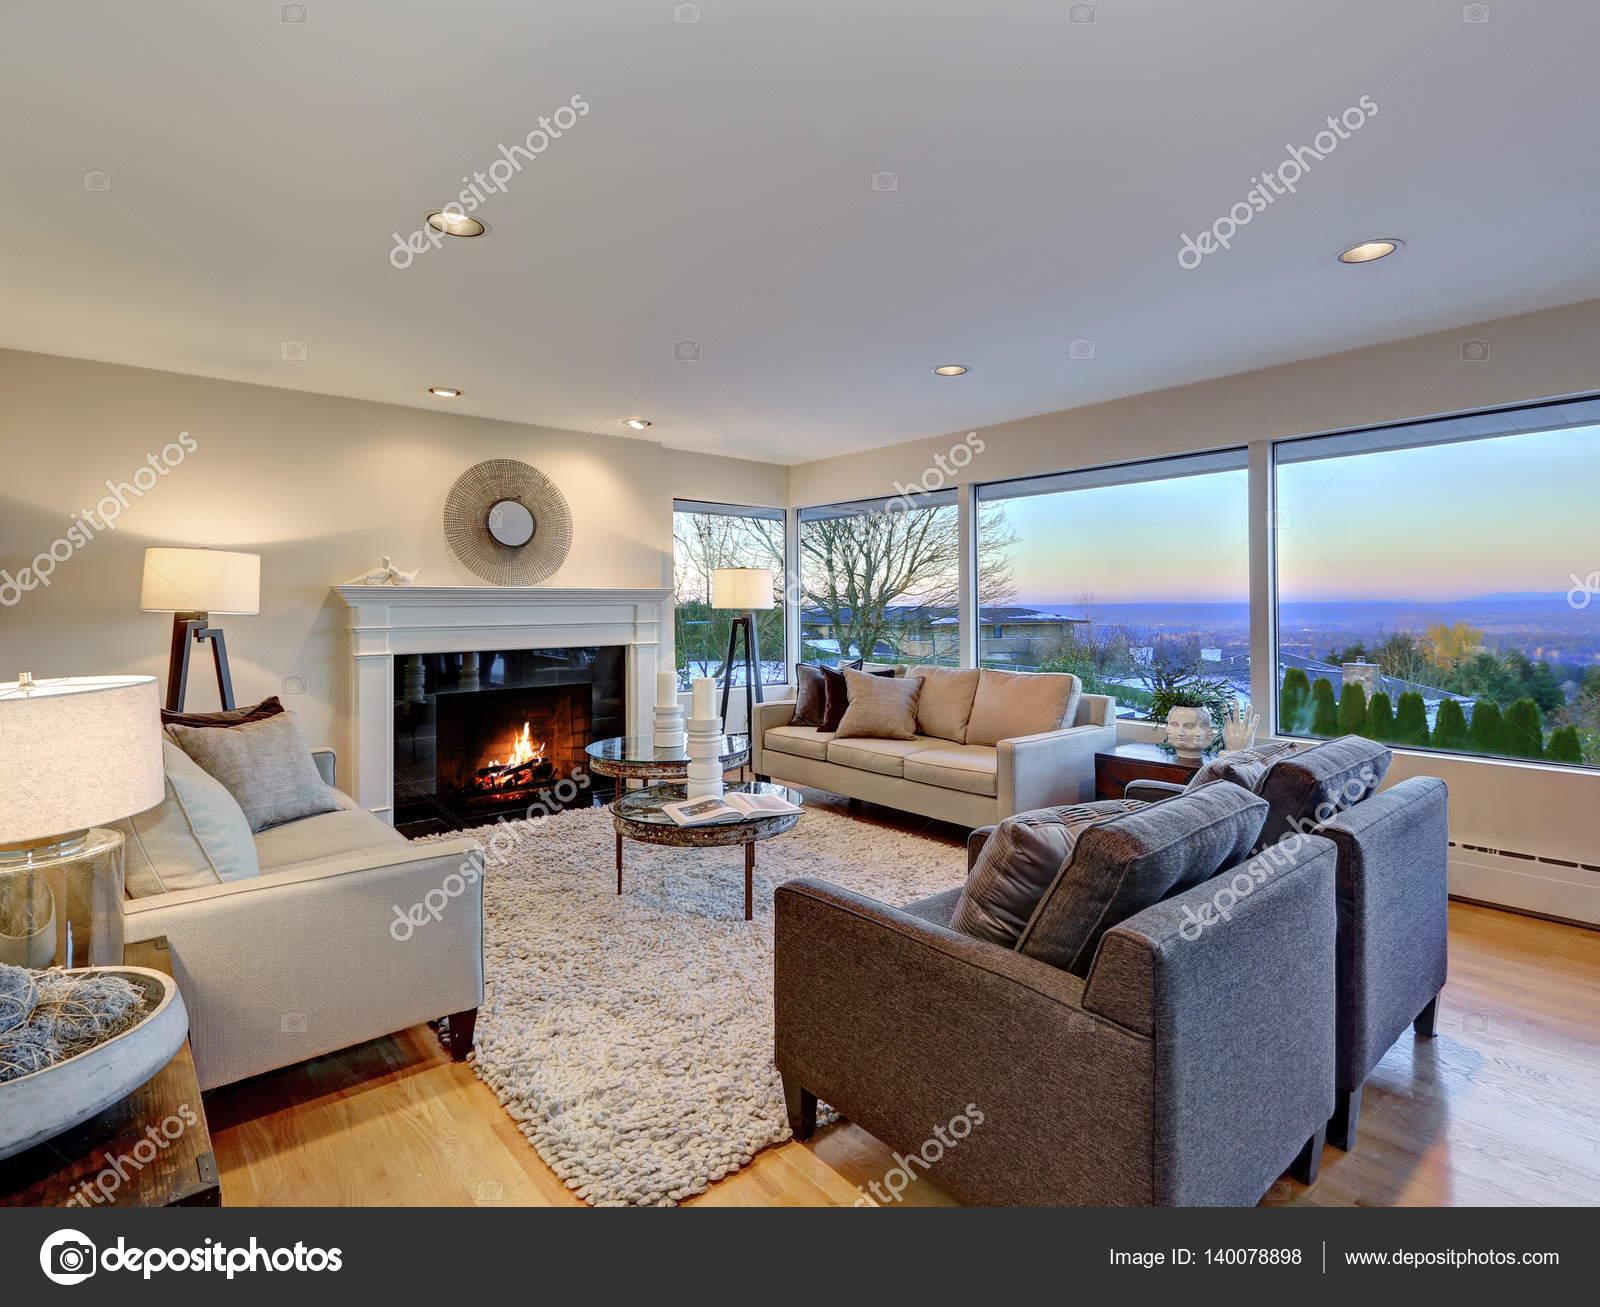 Warmes Licht Braun Wohnzimmer Mit Panorama Fenster Ansicht U2014 Stockfoto